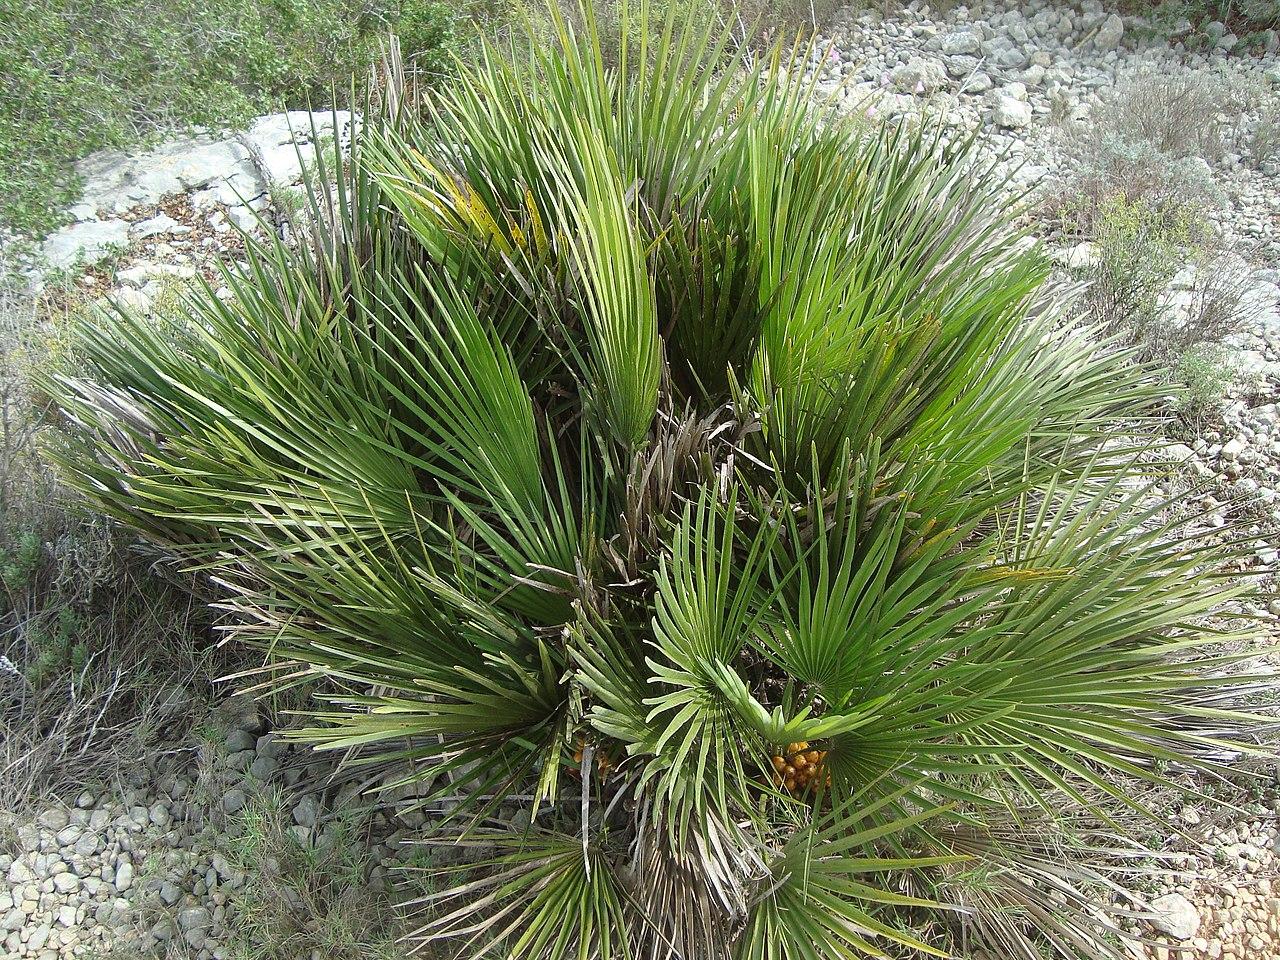 El palmito es una palmera pequeña